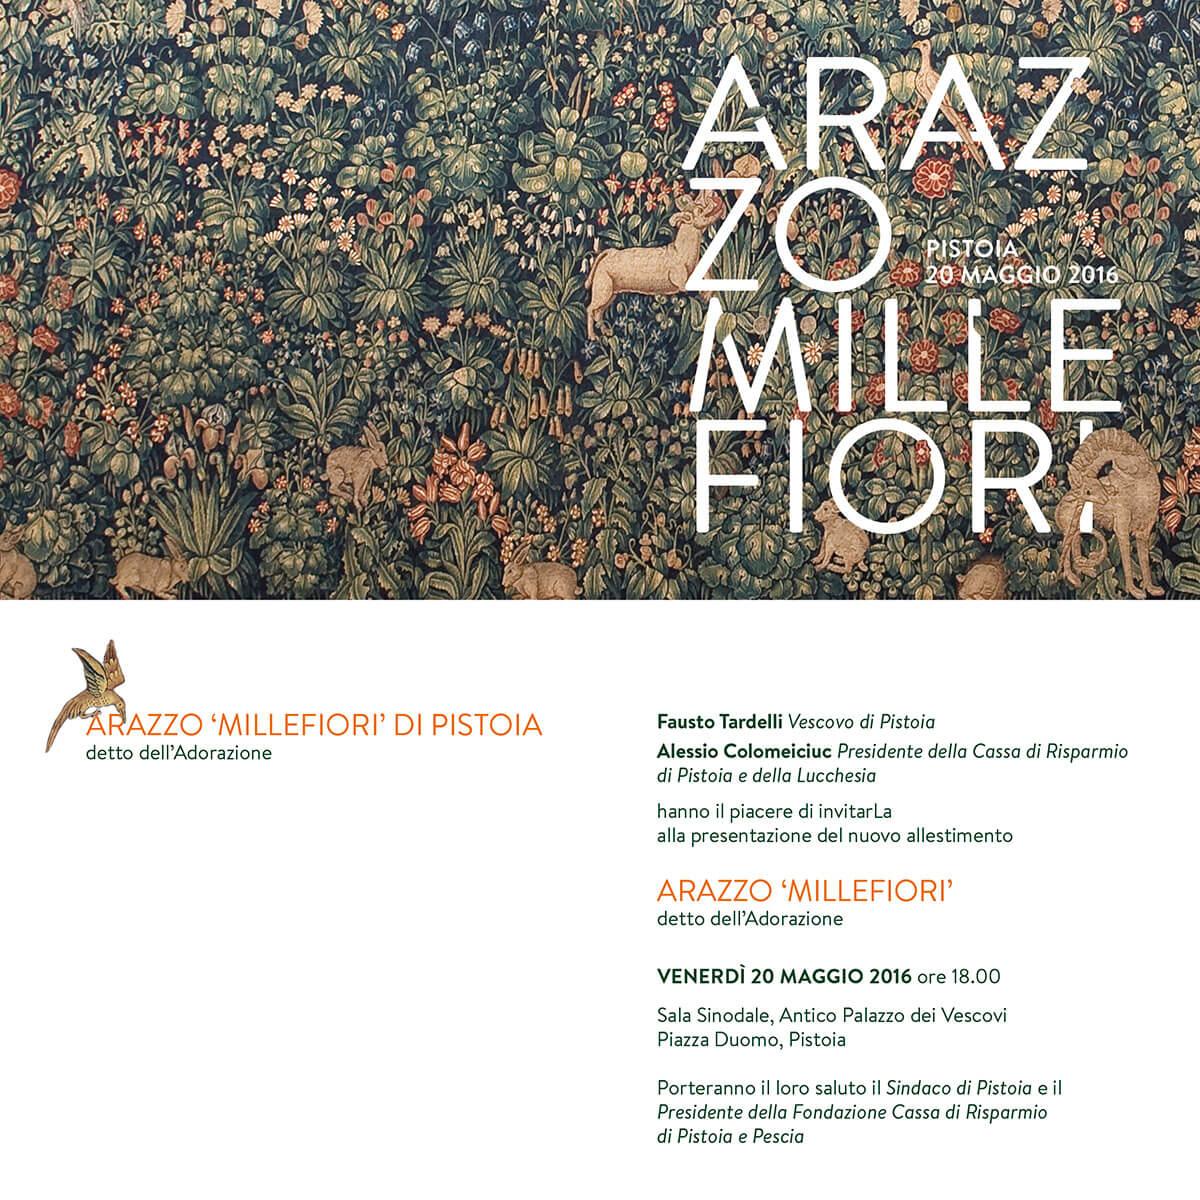 ArazzoMillefiori-20maggio (1)